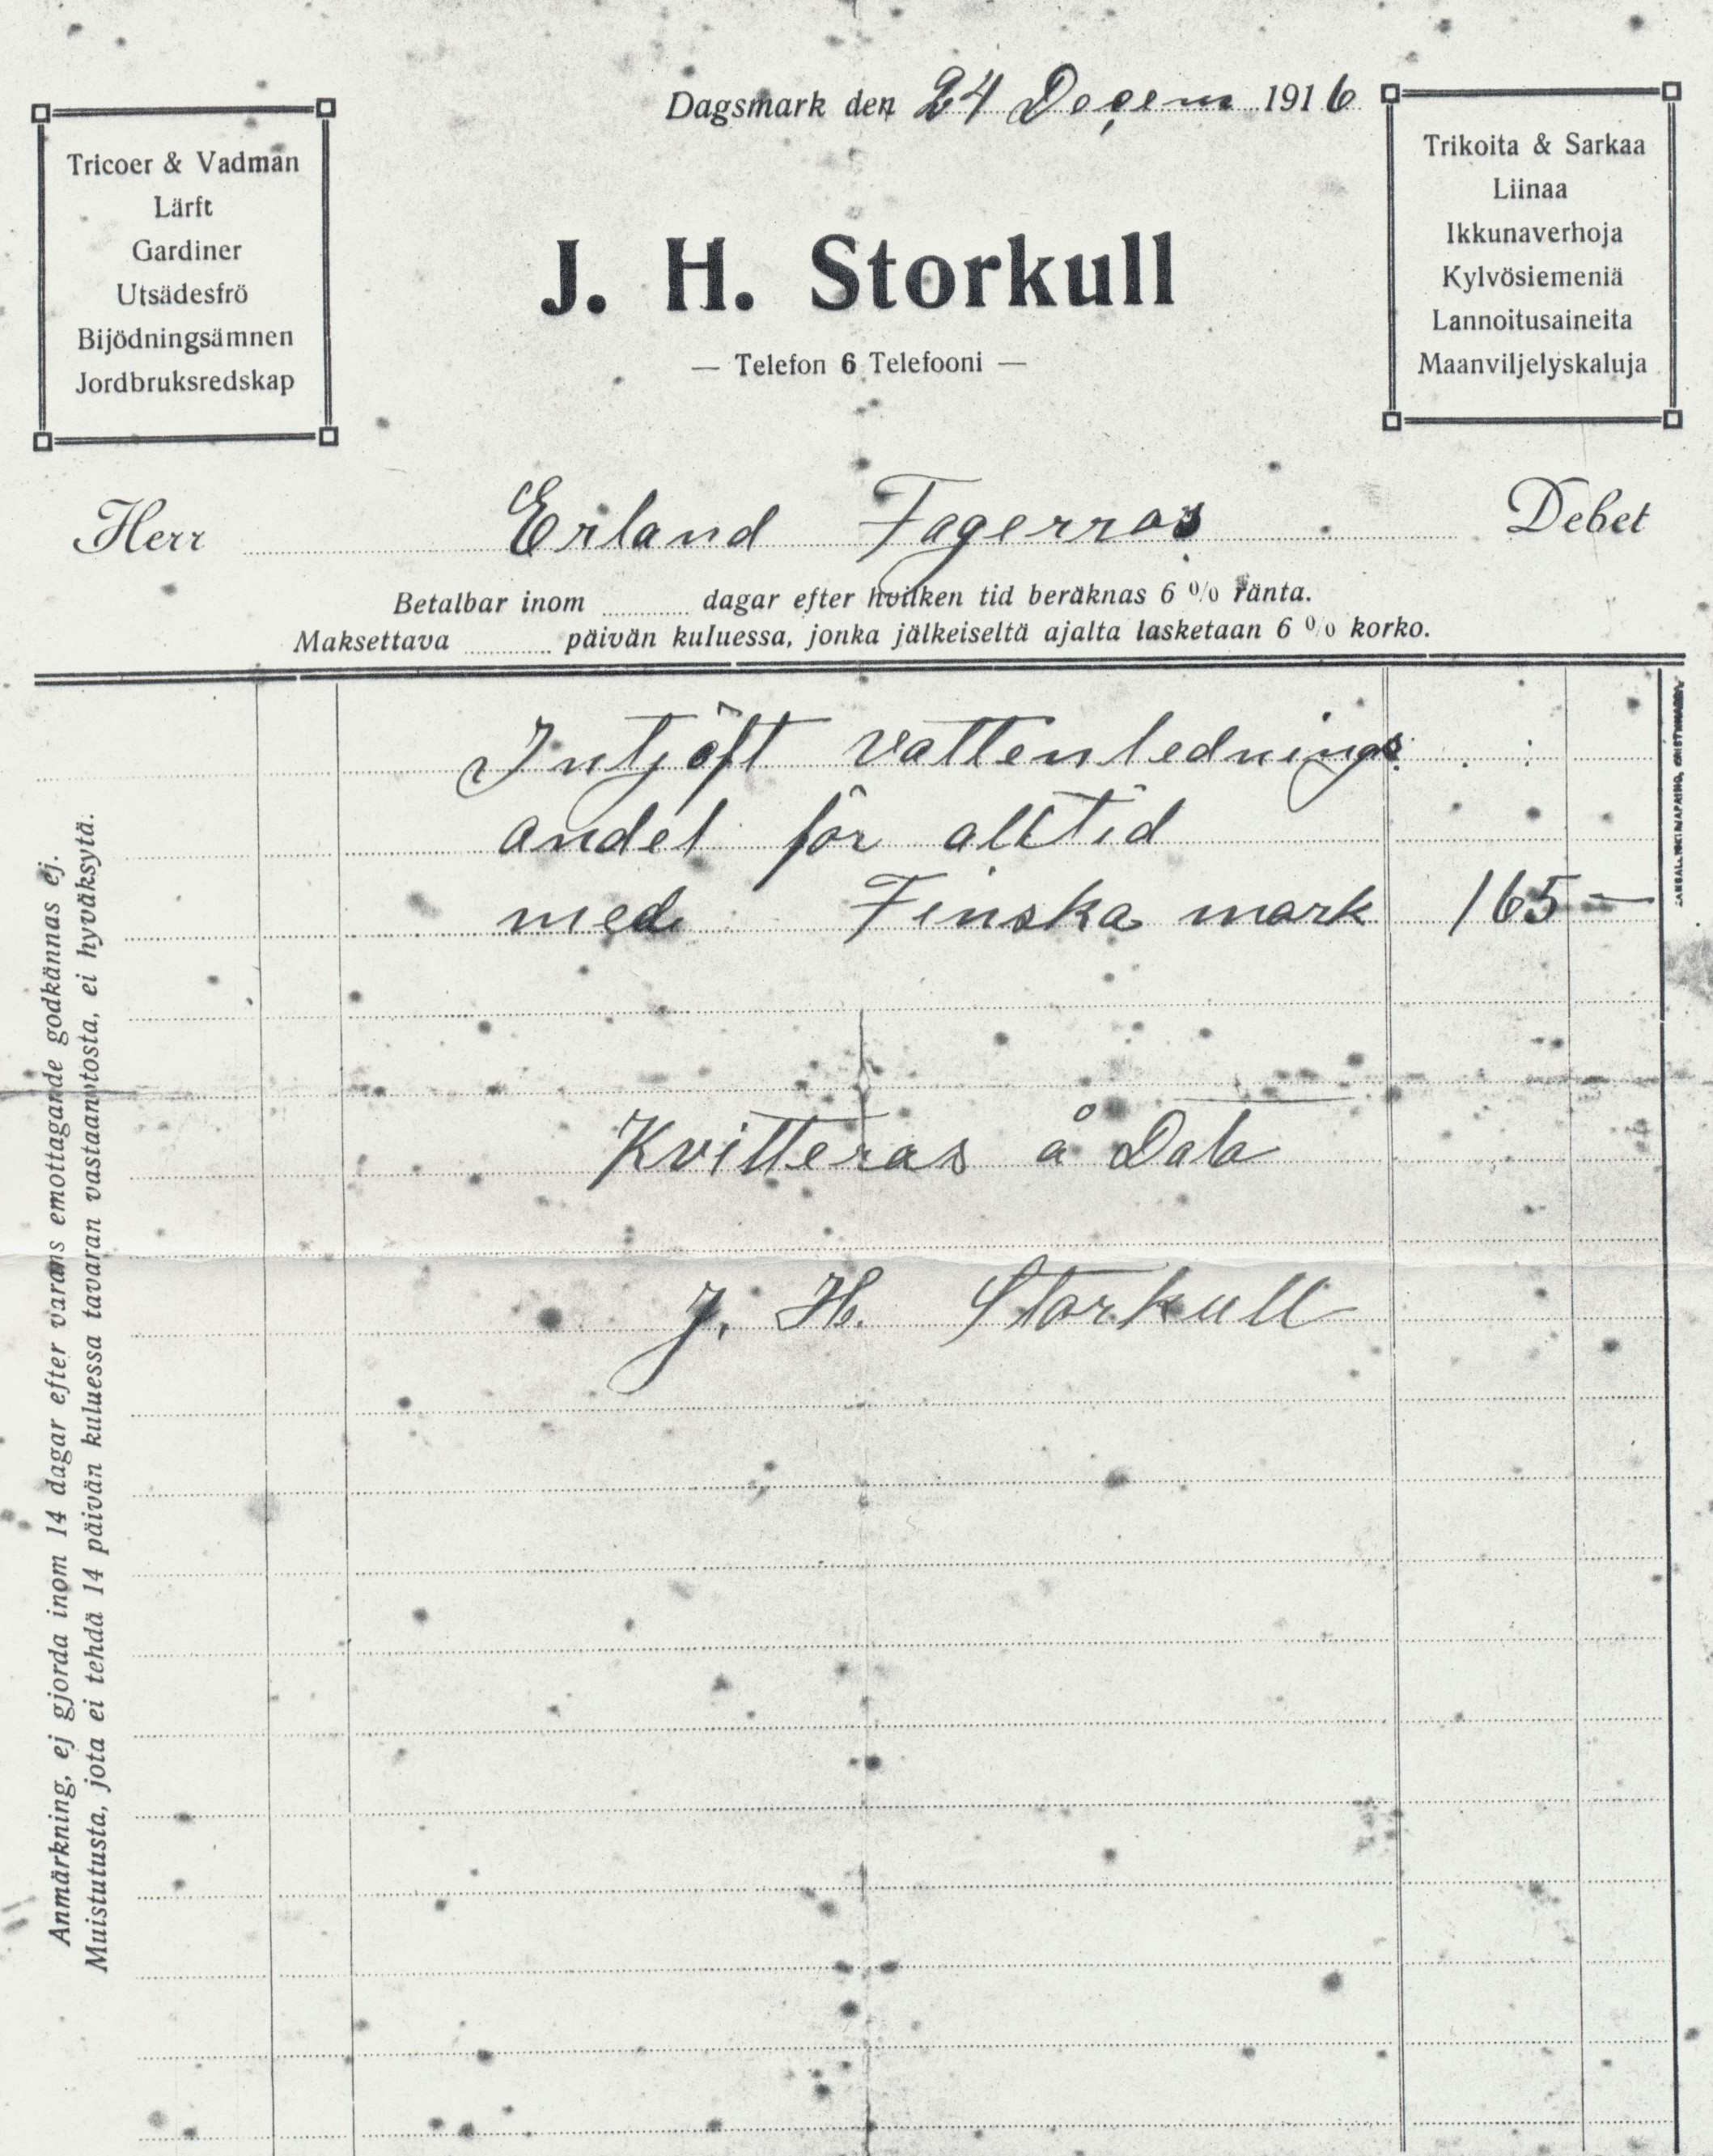 """Här på kvittot så ser vi att Erland """"intjöft vattenlednings andel för alltid med Finska mark 165"""" av handlanden J. H. Storkull."""